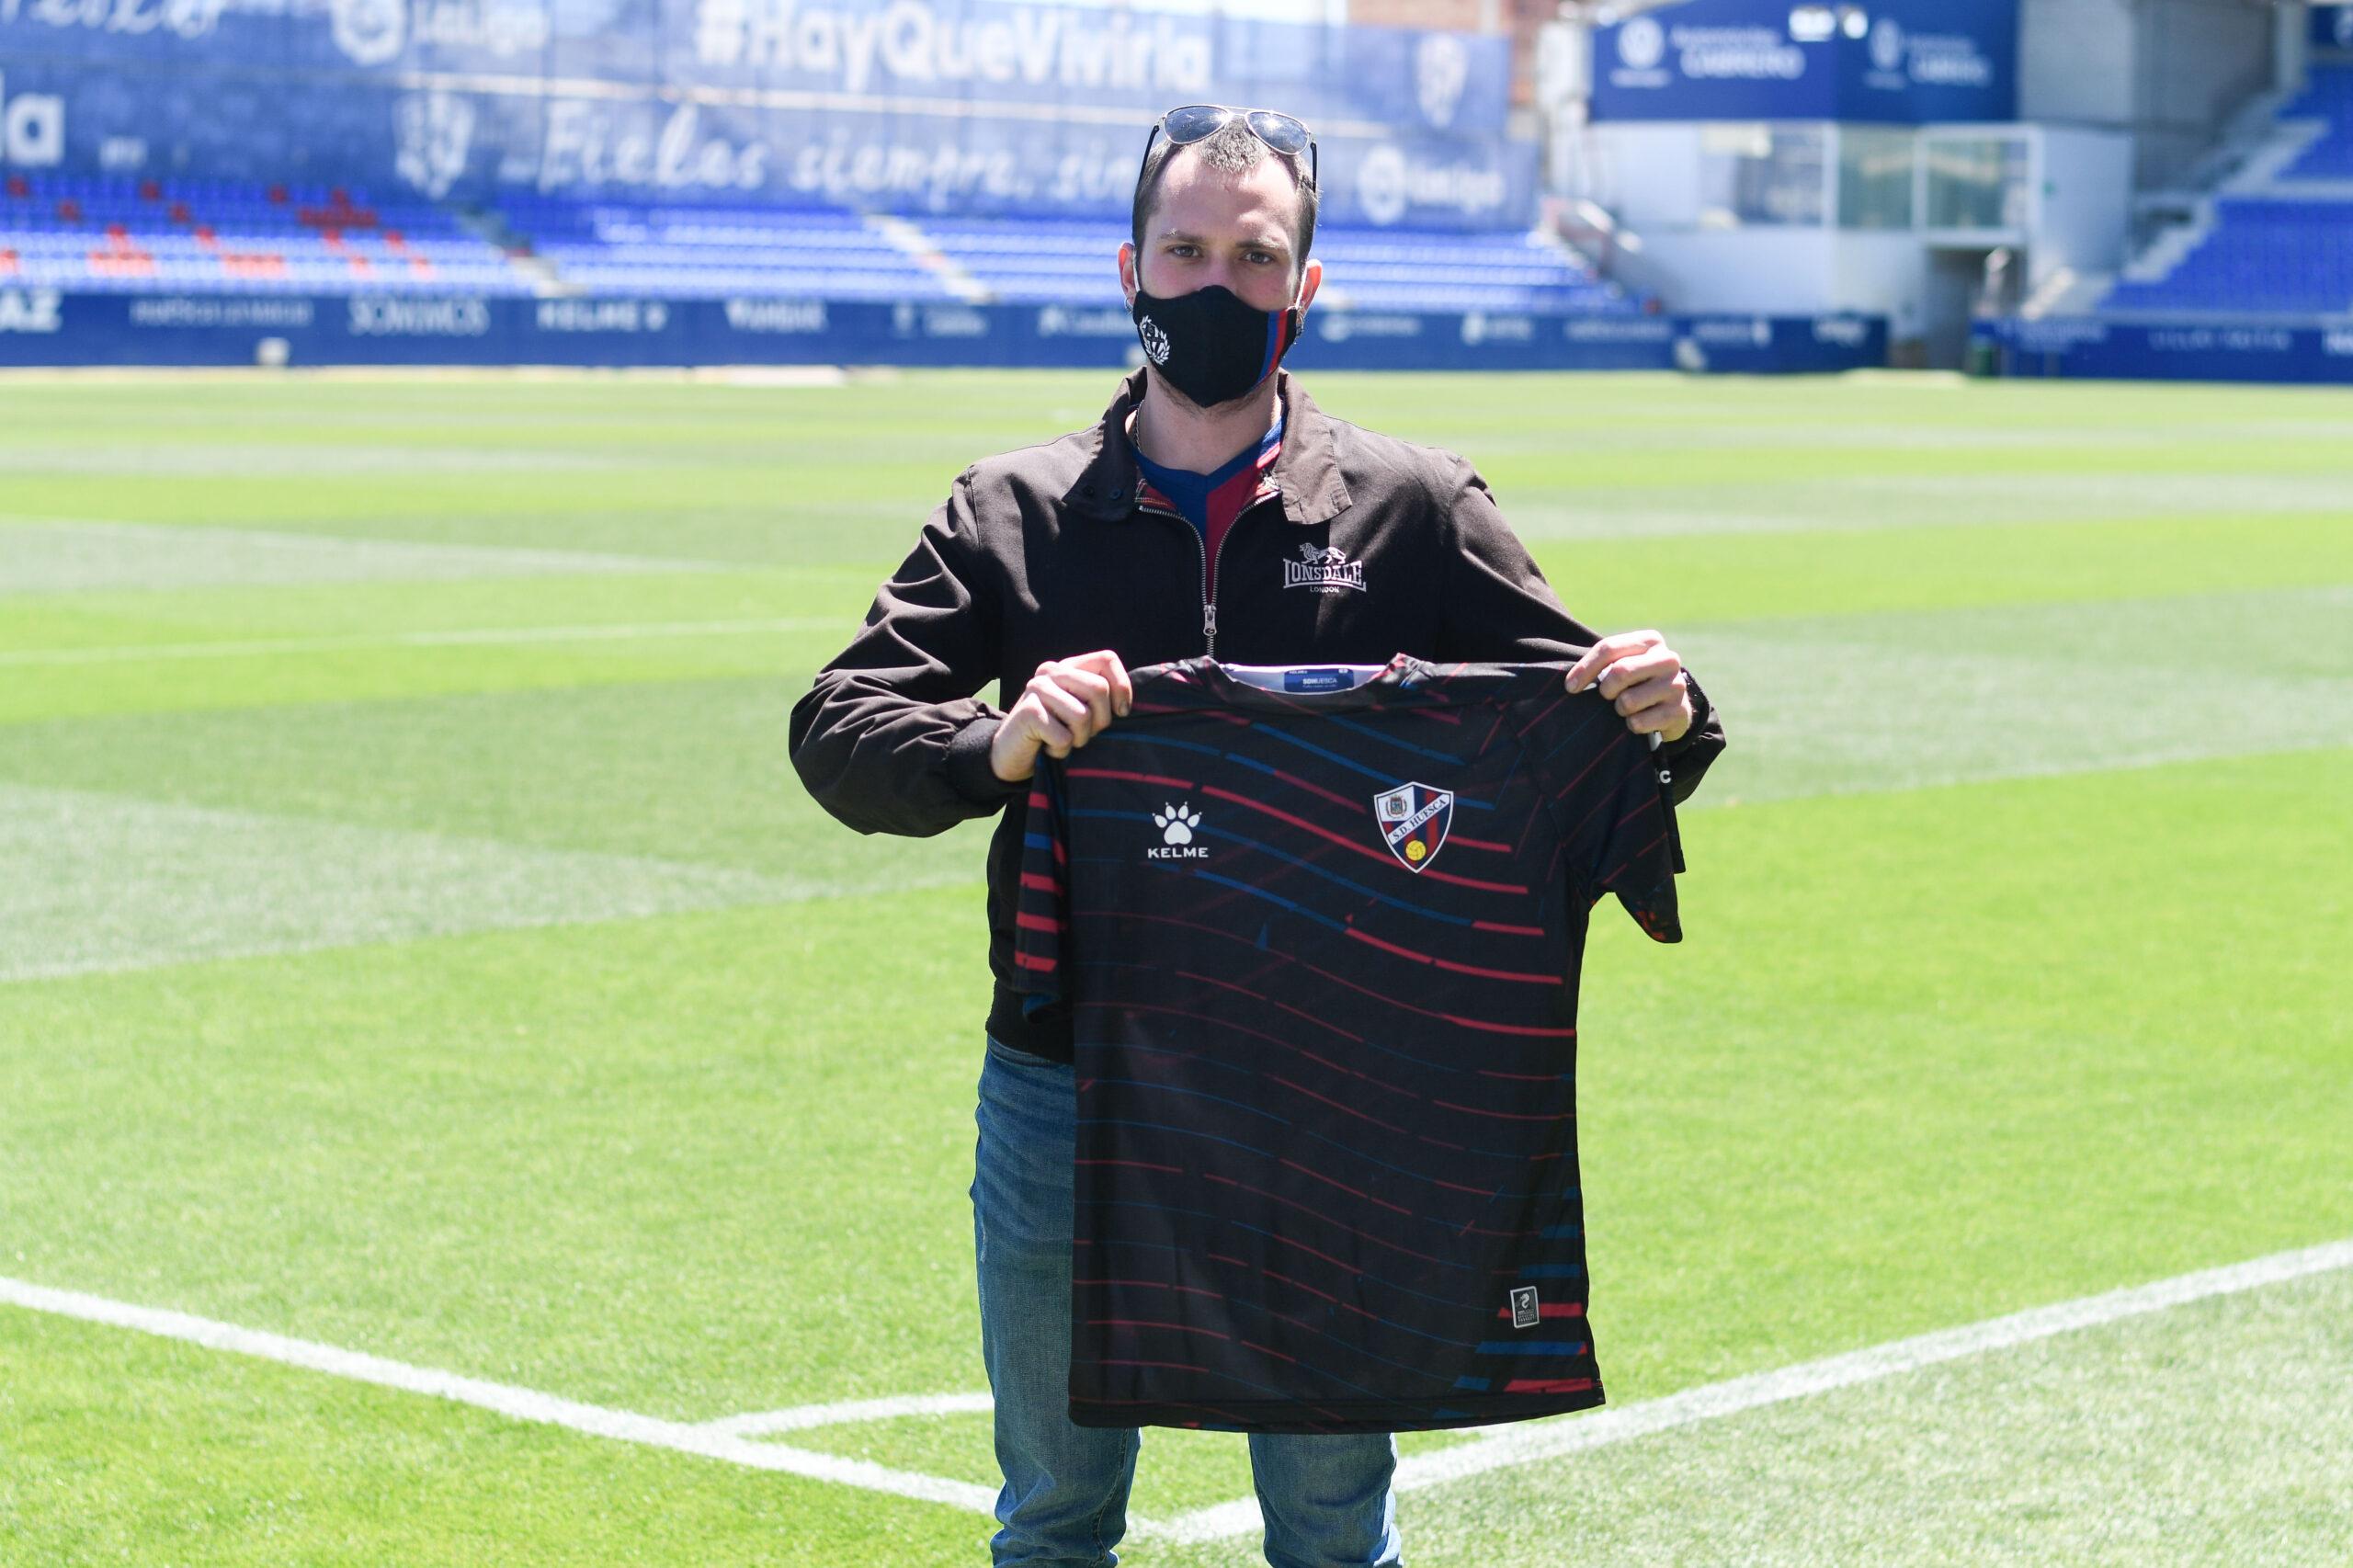 Jairo Ballester, octavo ganador de la Semana de Aragón